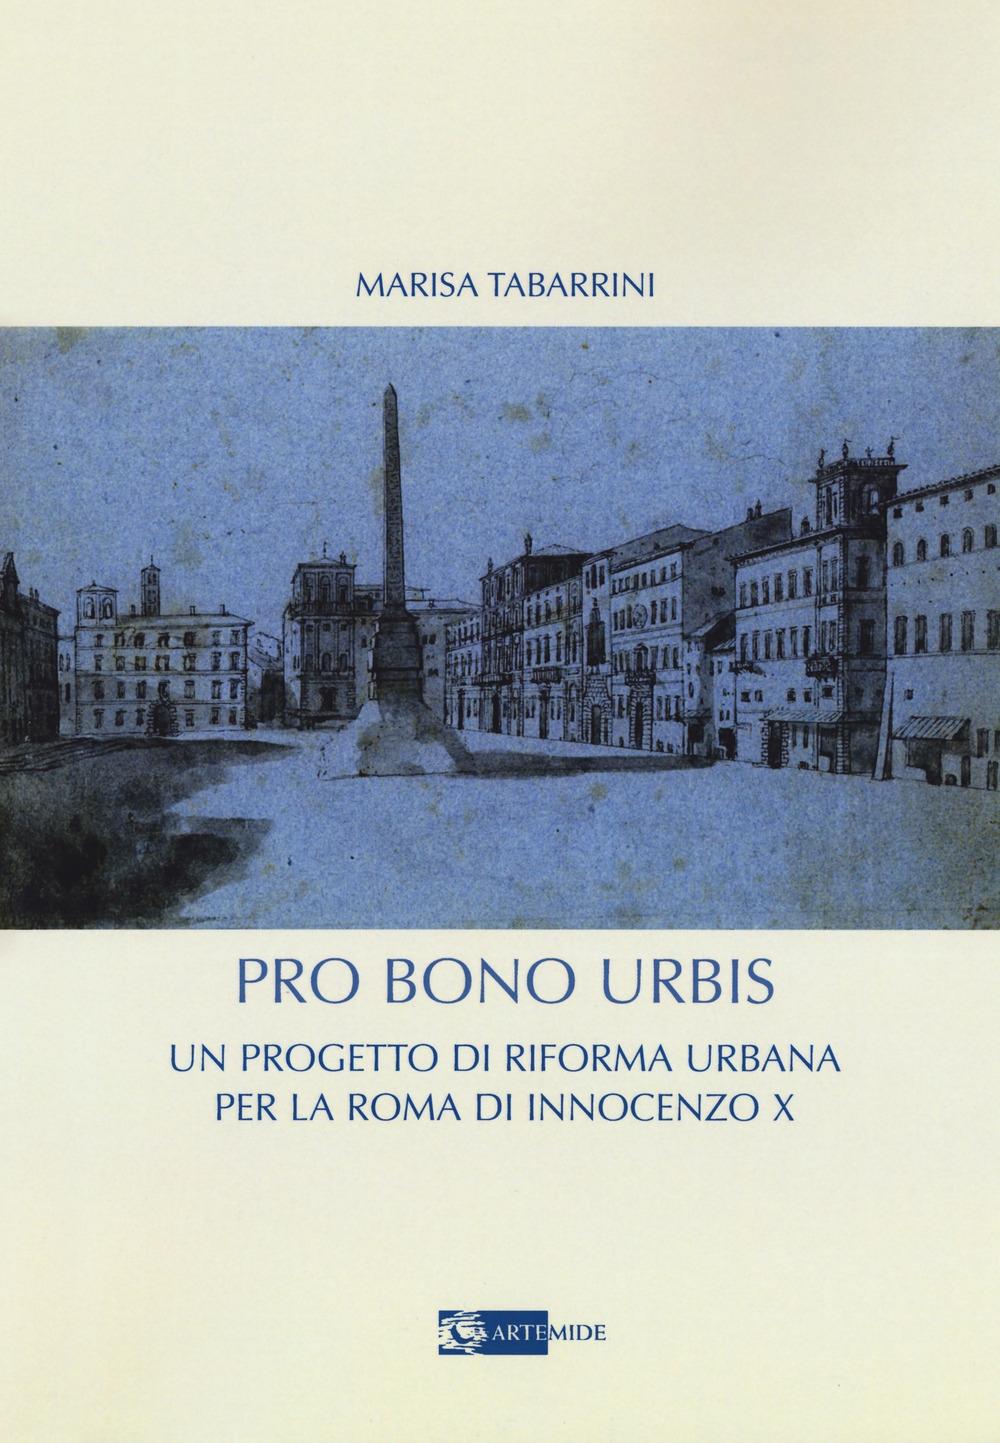 Pro bono urbis. Un progetto di riforma urbana per la Roma di innocenzo X